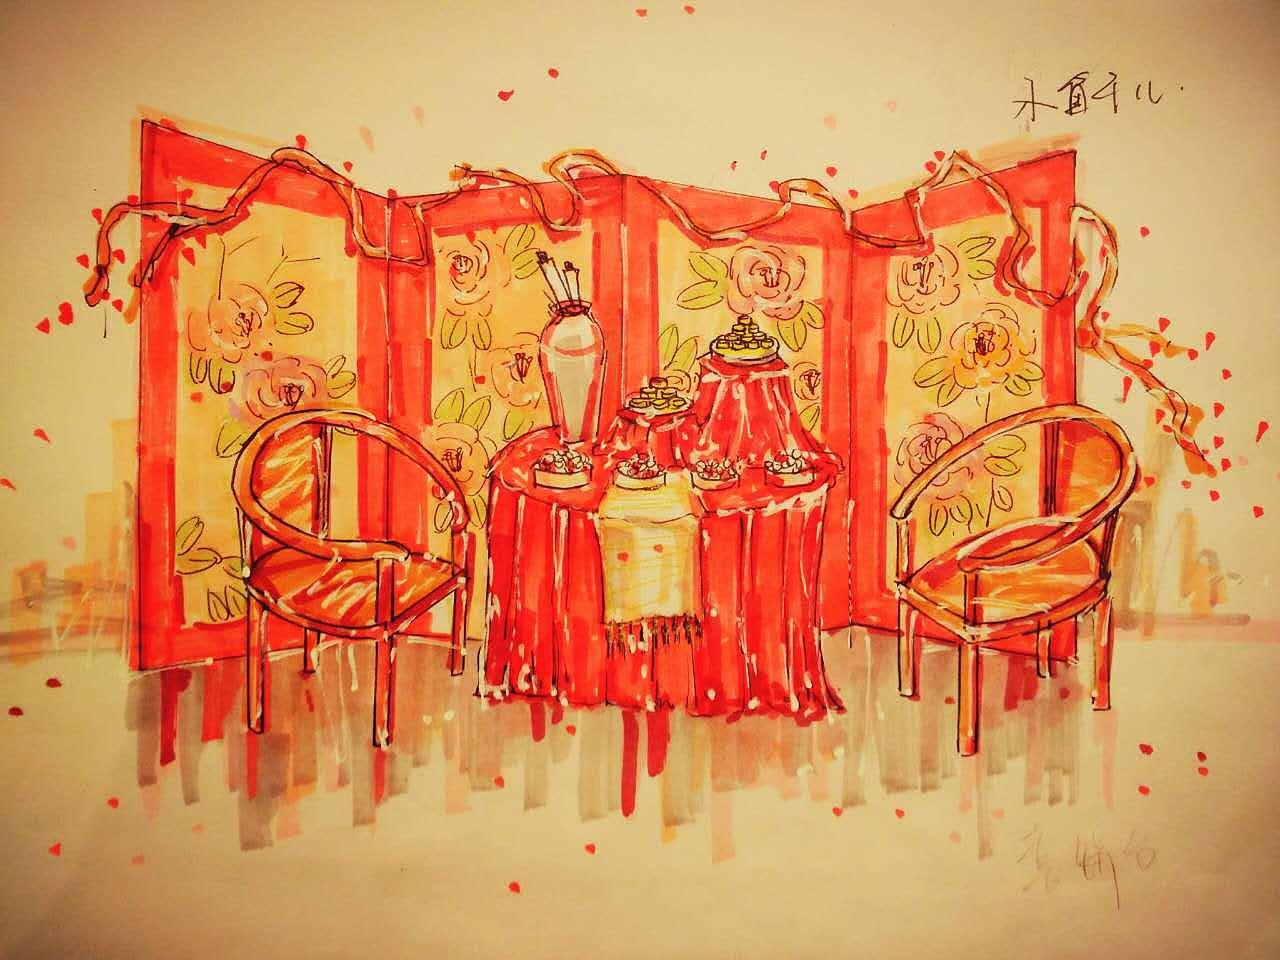 中式主题婚礼设计|空间|舞台美术|_小鱼干儿 - 原创图片